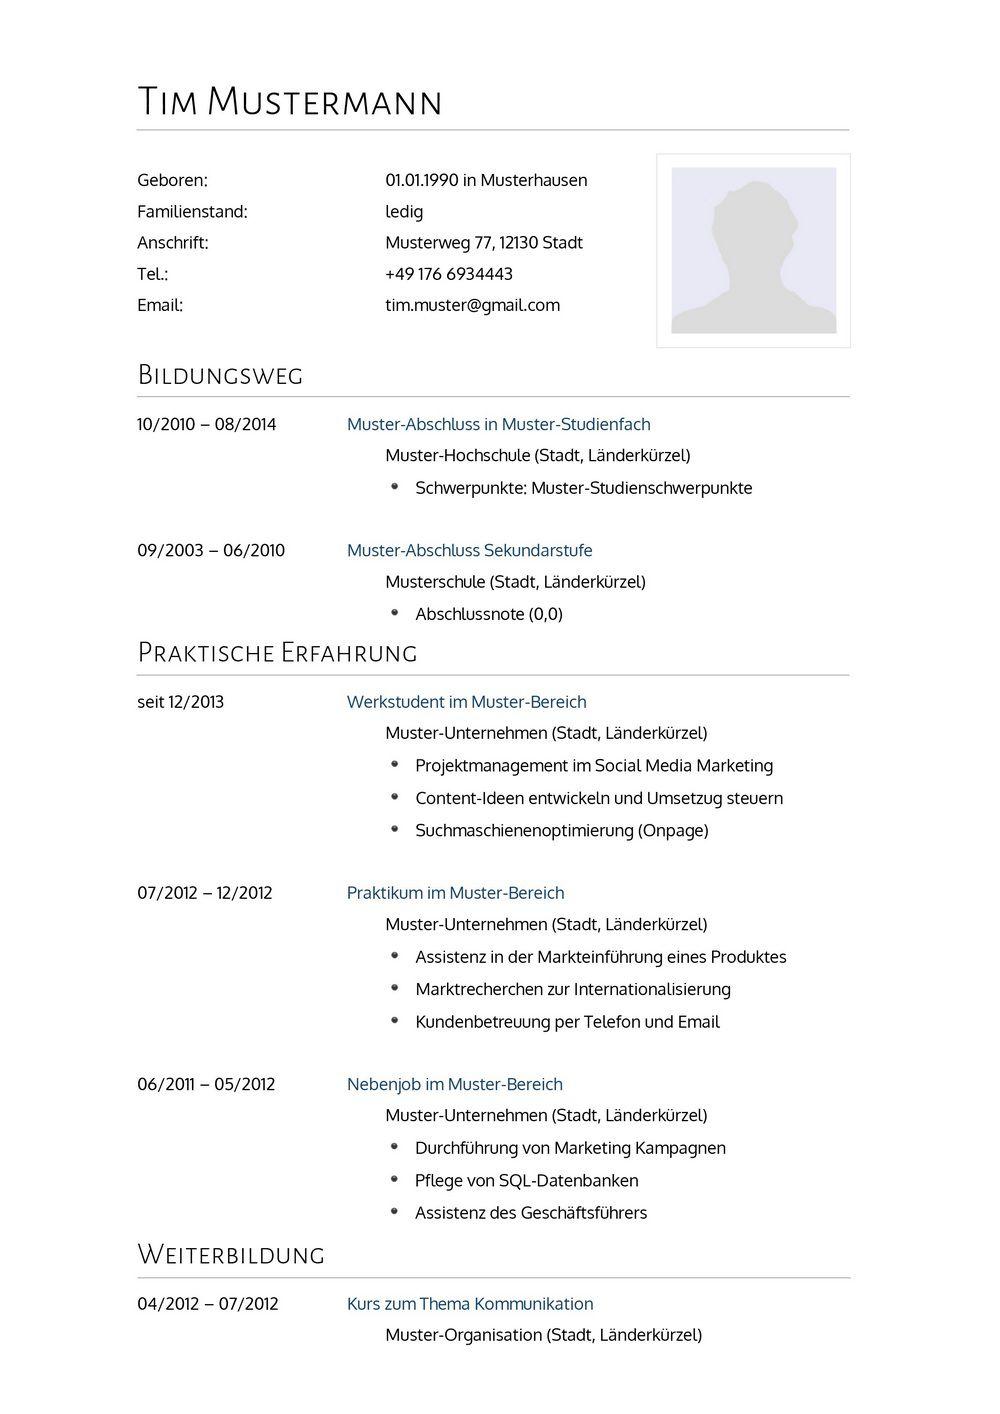 Großartig Umfassendes Lebenslaufbeispiel Fotos - Entry Level Resume ...